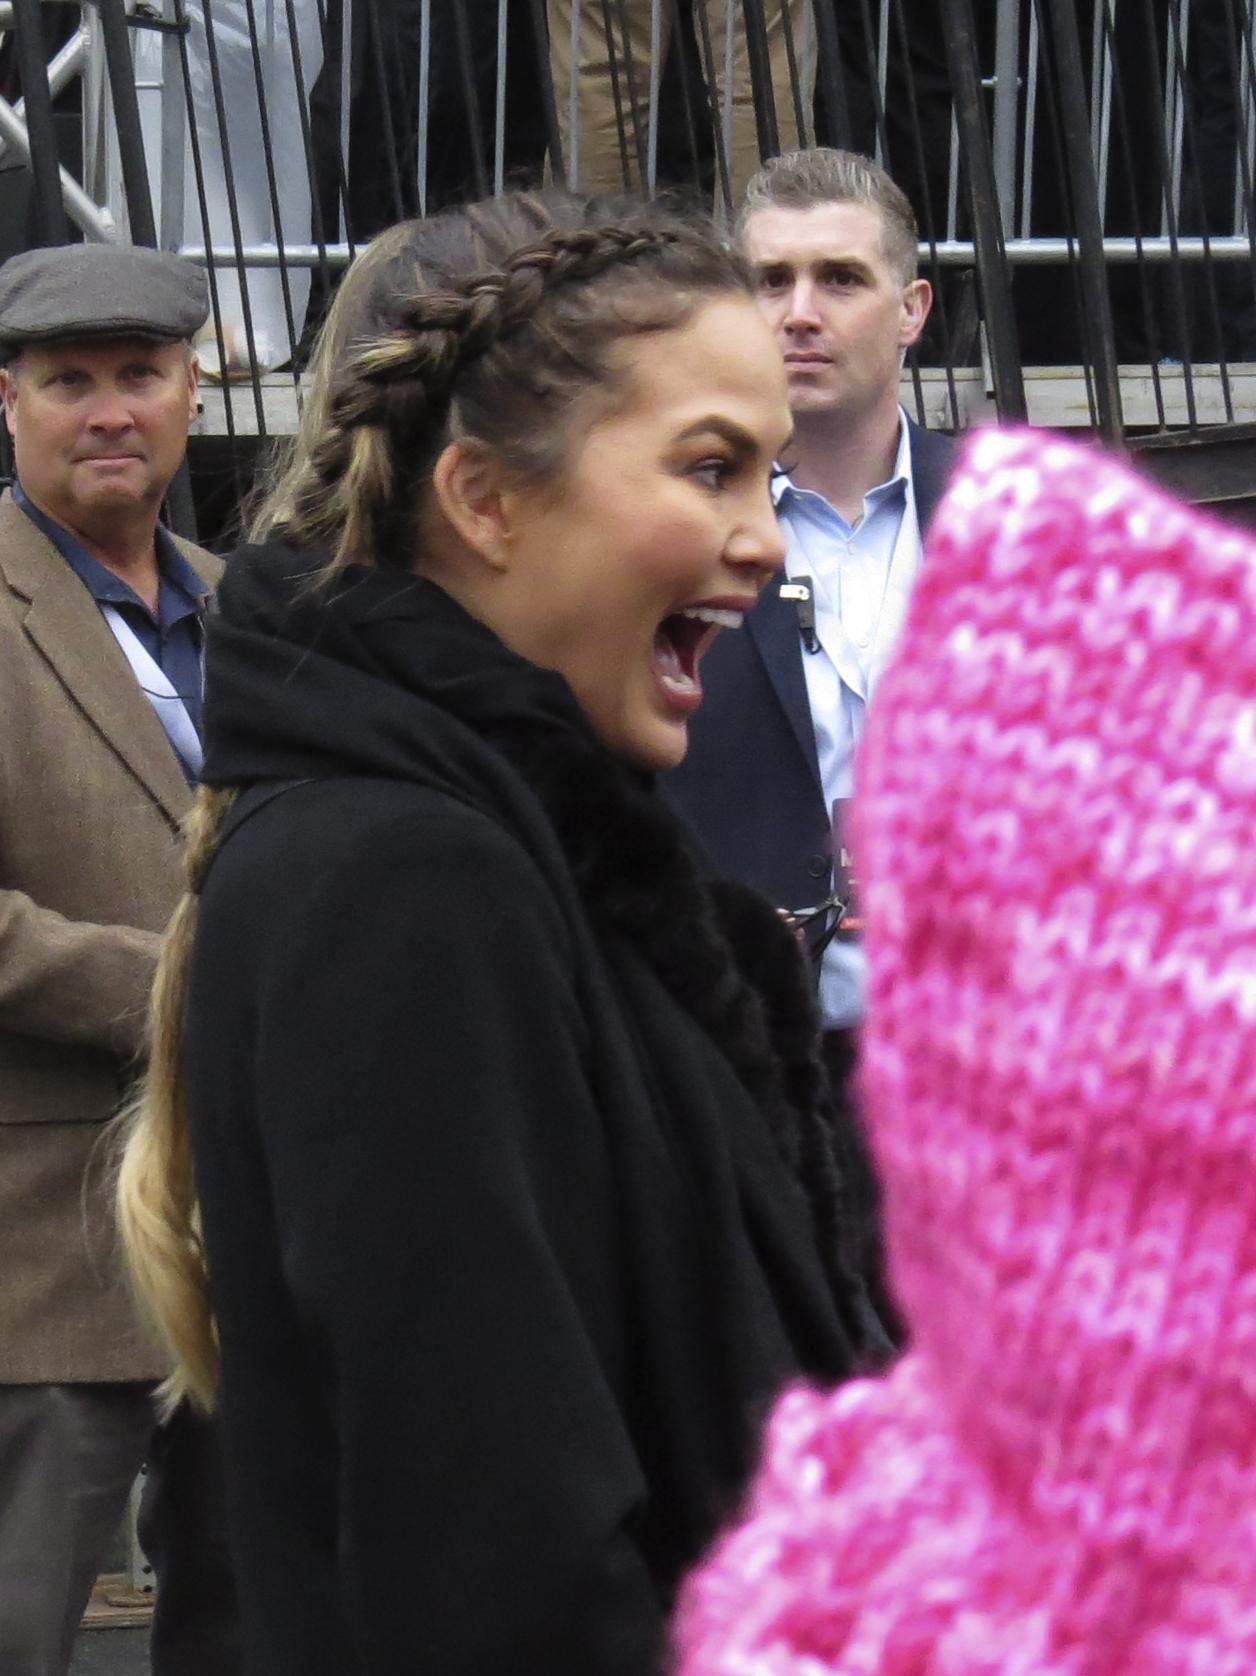 Christine Teigen at Women's March on Washington